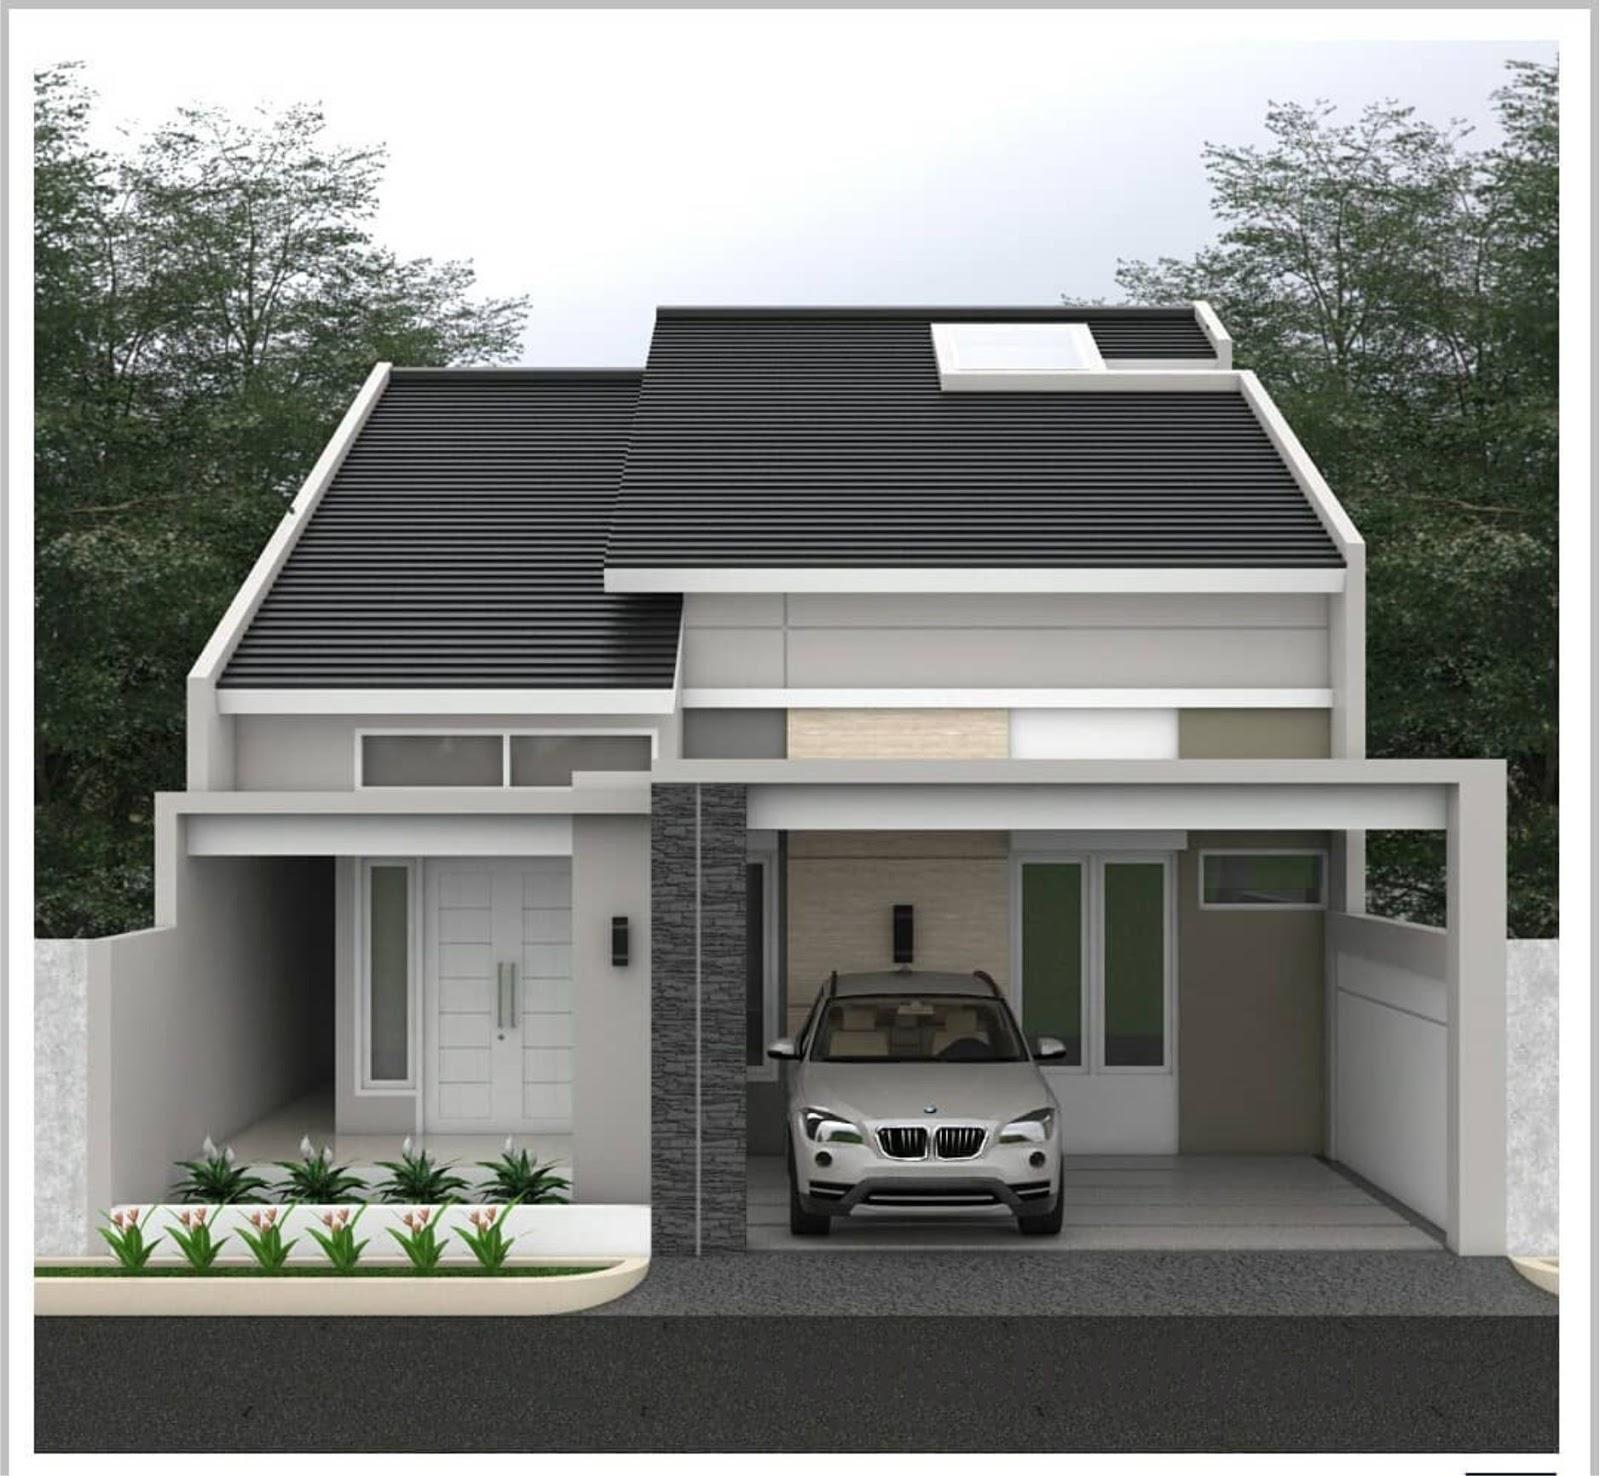 Desain dan Denah Rumah Ukuran 9 x 18 M dengan Ventilasi ...